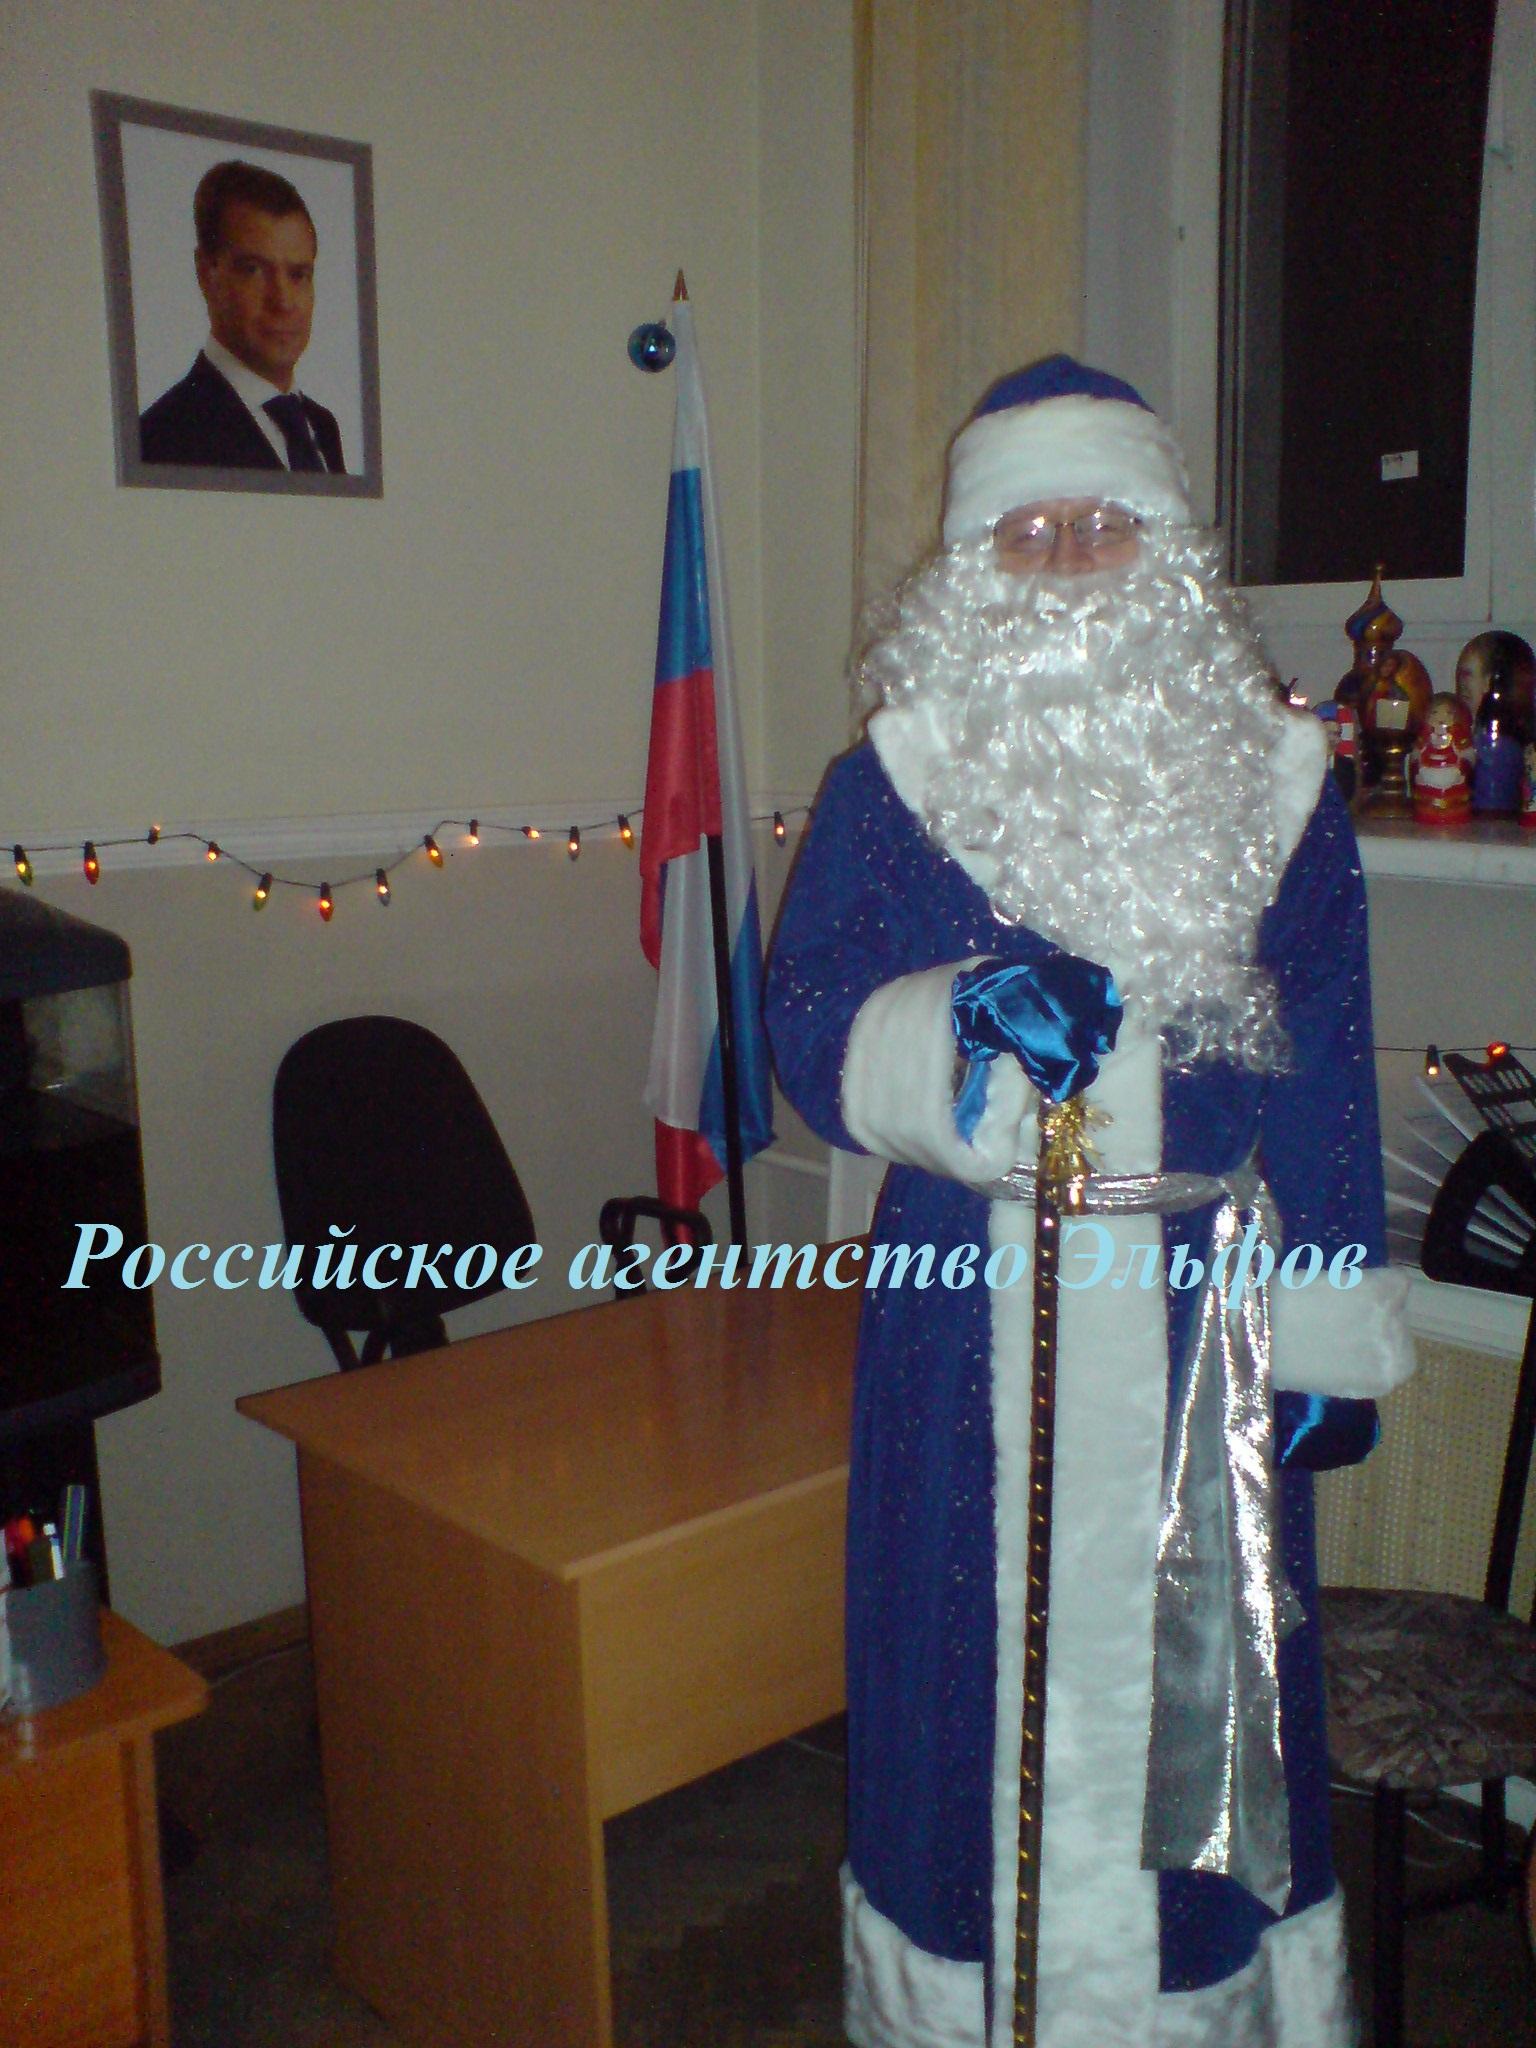 Дед Мороз синий костюм